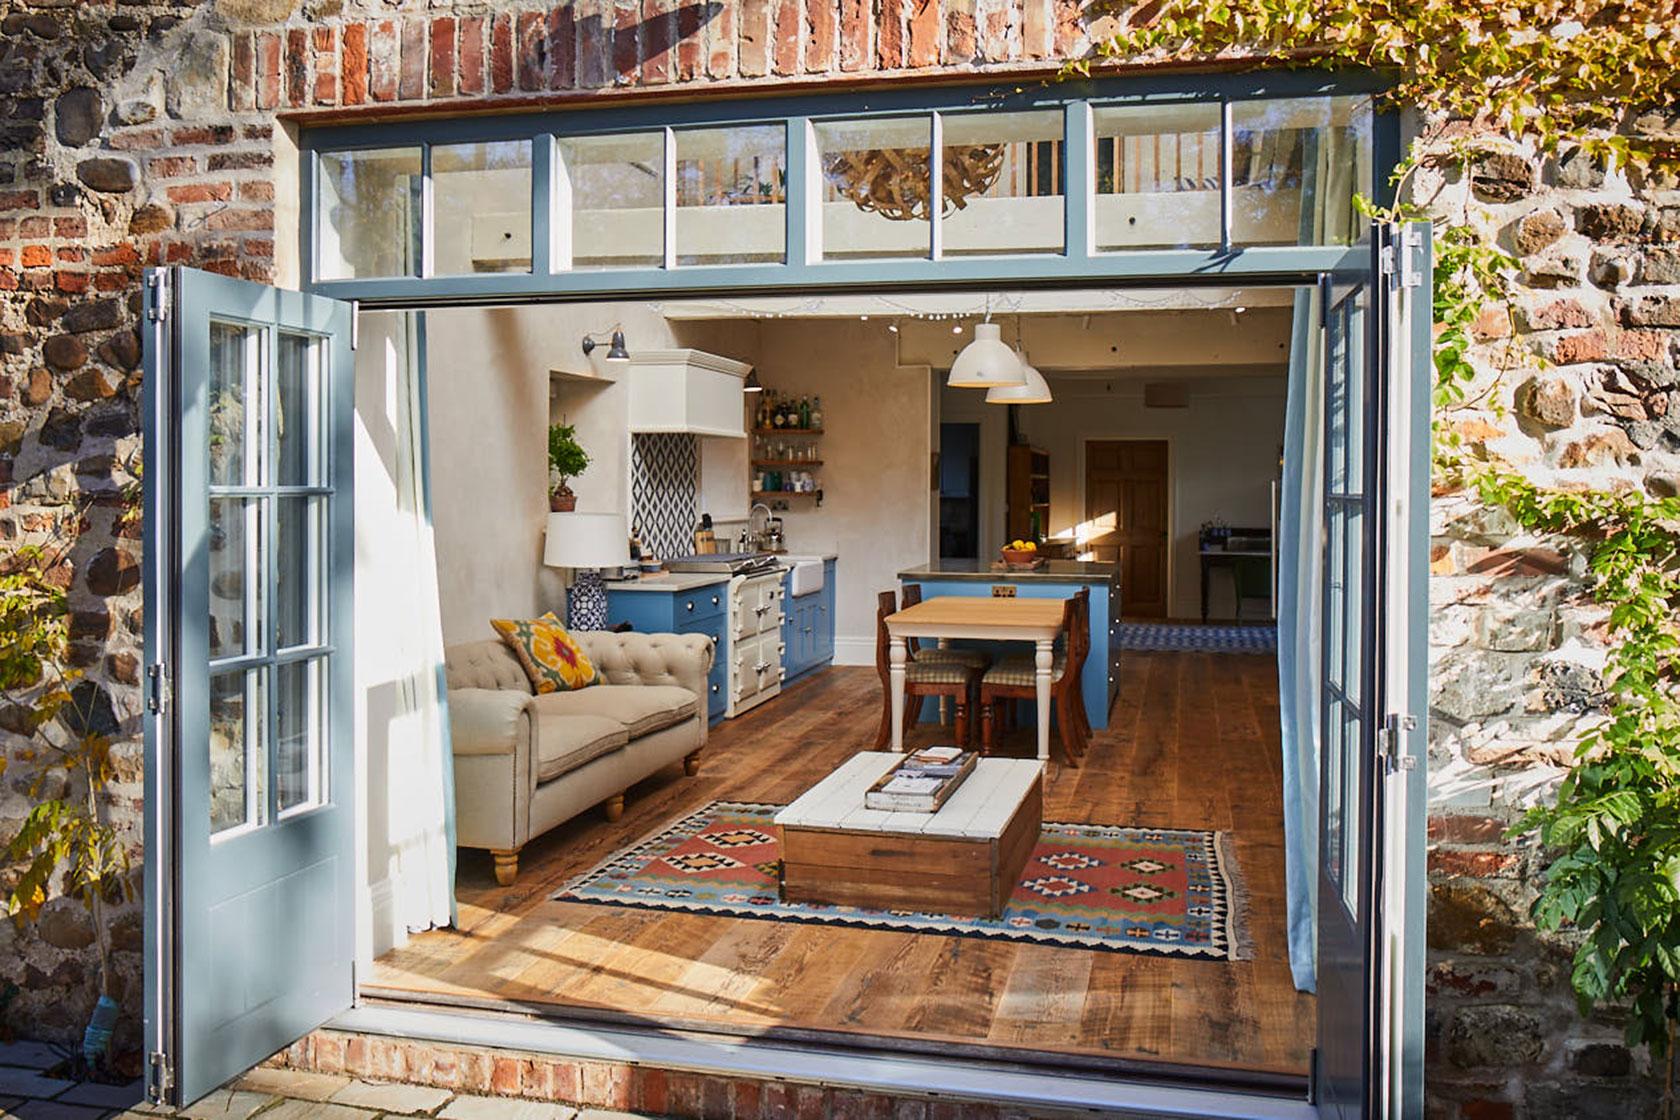 Patio doors lead to open plan kitchen with reclaimed pine floor